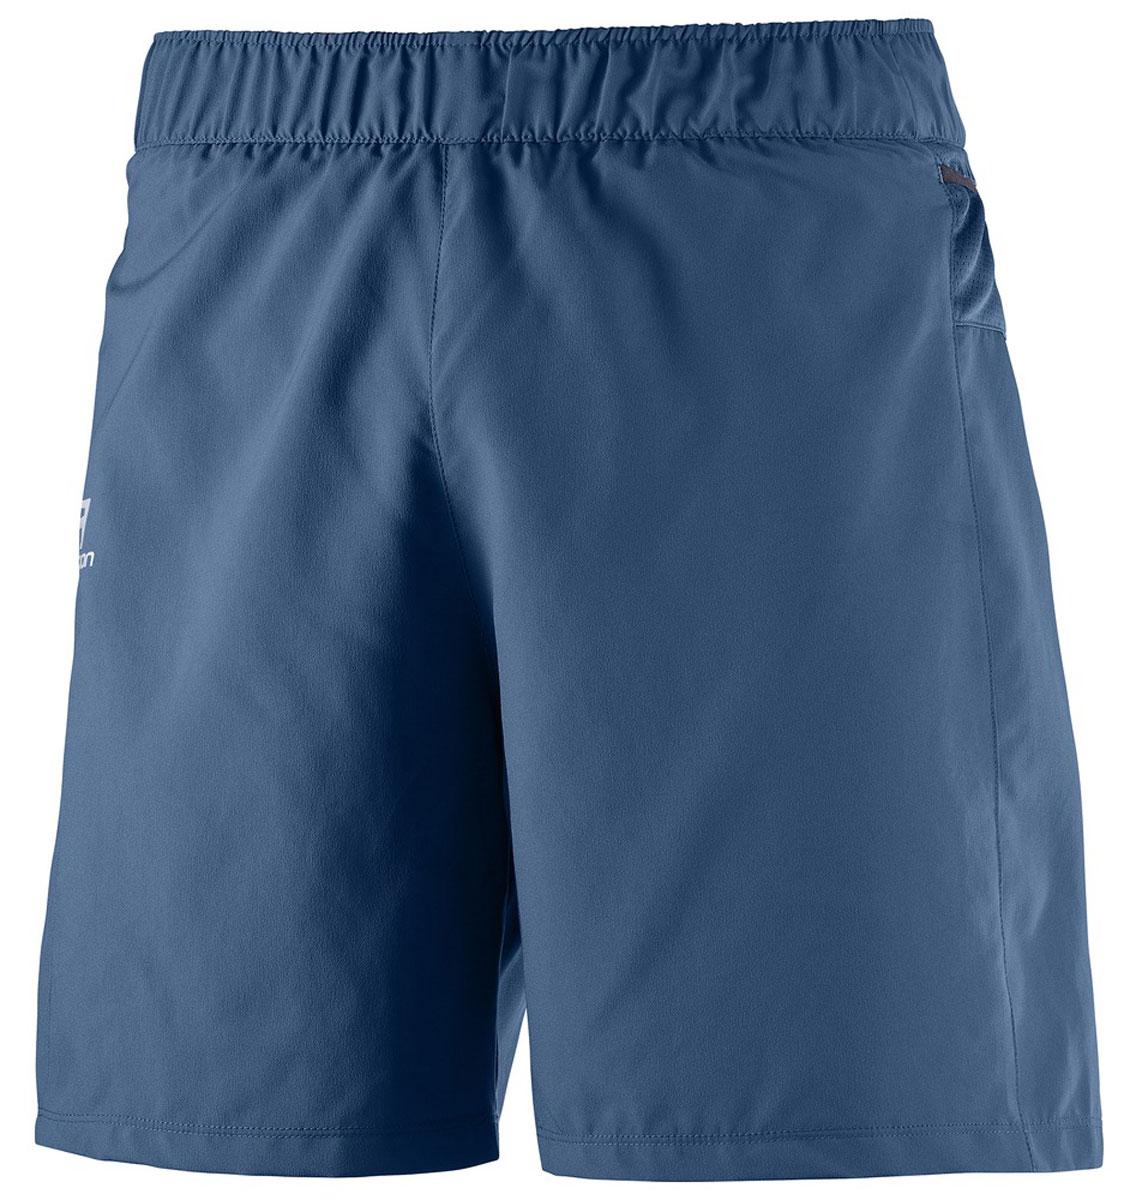 ШортыL39385700Свободные легкие беговые шорты для мужчин Trail Runner изготовлены из качественного полиэстера. Шорты с удобными карманами в задней части пояса идеально подходят для занятий различными видами спорта в любое время года.